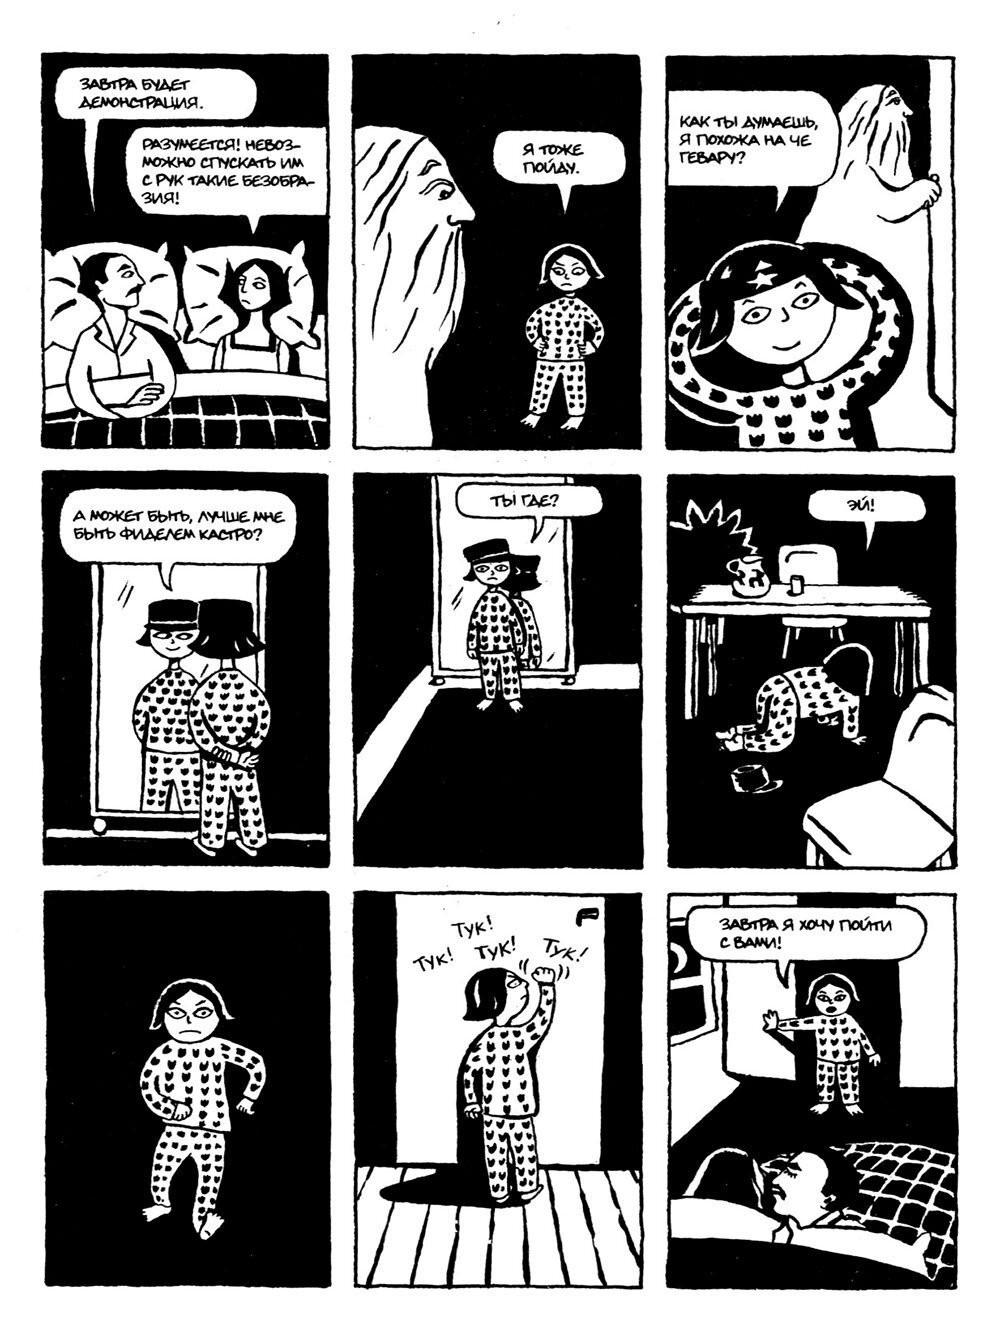 Исторический комикс Персеполис, Маржан Сатрапи. Том 1. Страница 15. Блог о комиксах Vaes Okshn